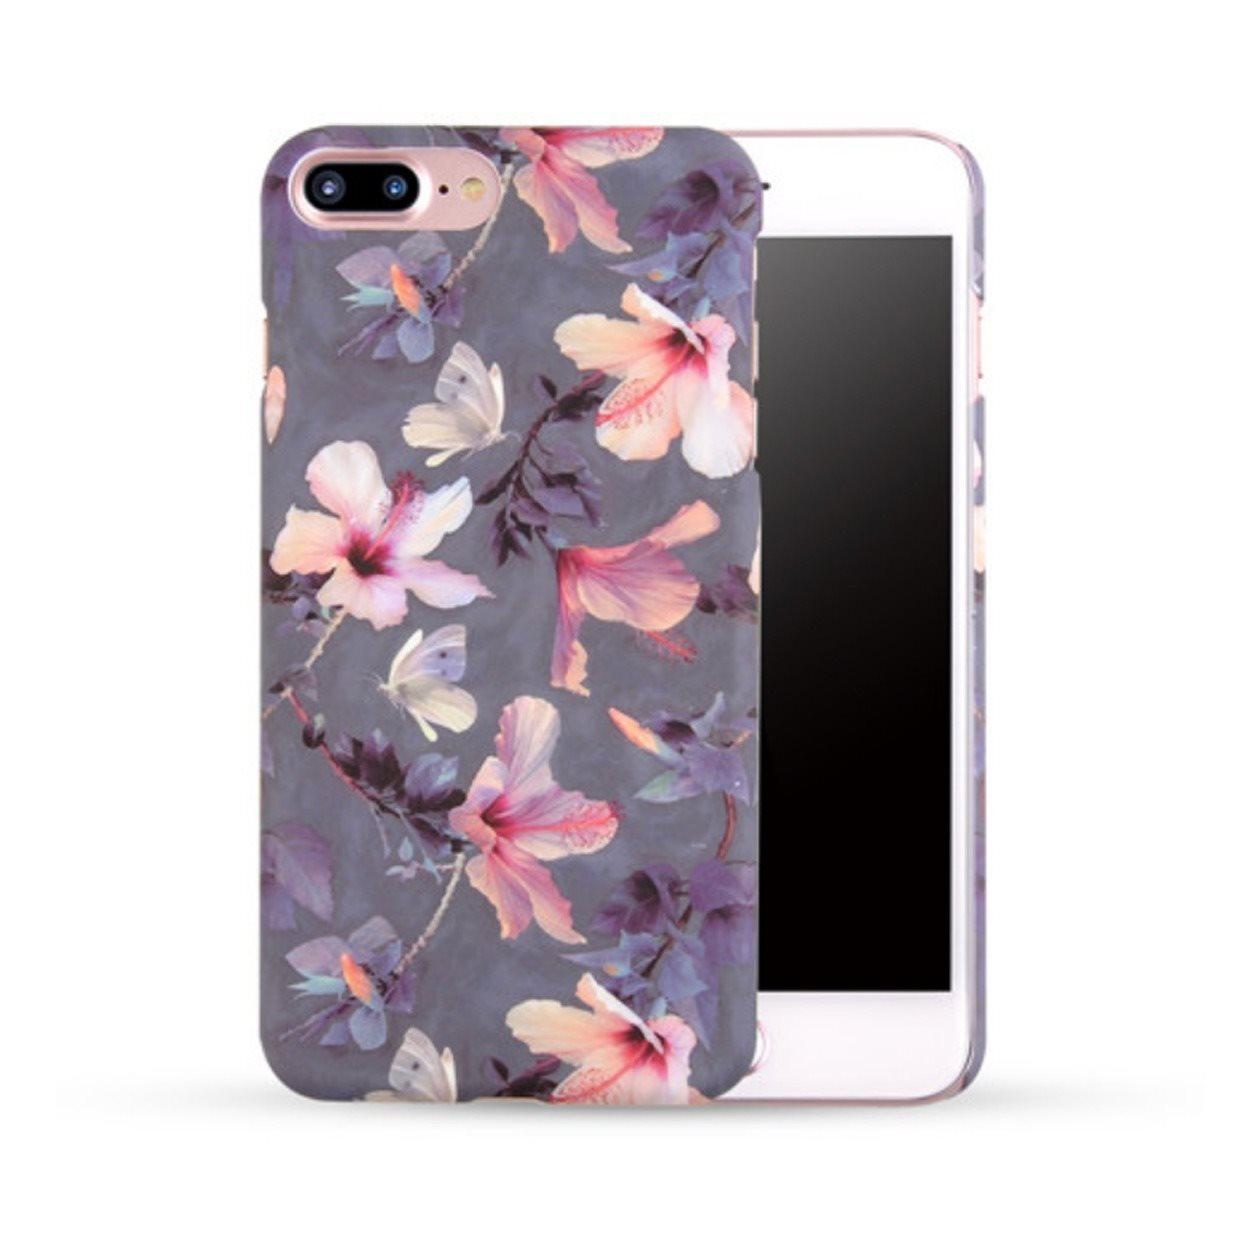 iPhone X Blommigt Mobilskal Japansk .. (321916687) ᐈ megabilligt på Tradera 7fb8c7cb994f7